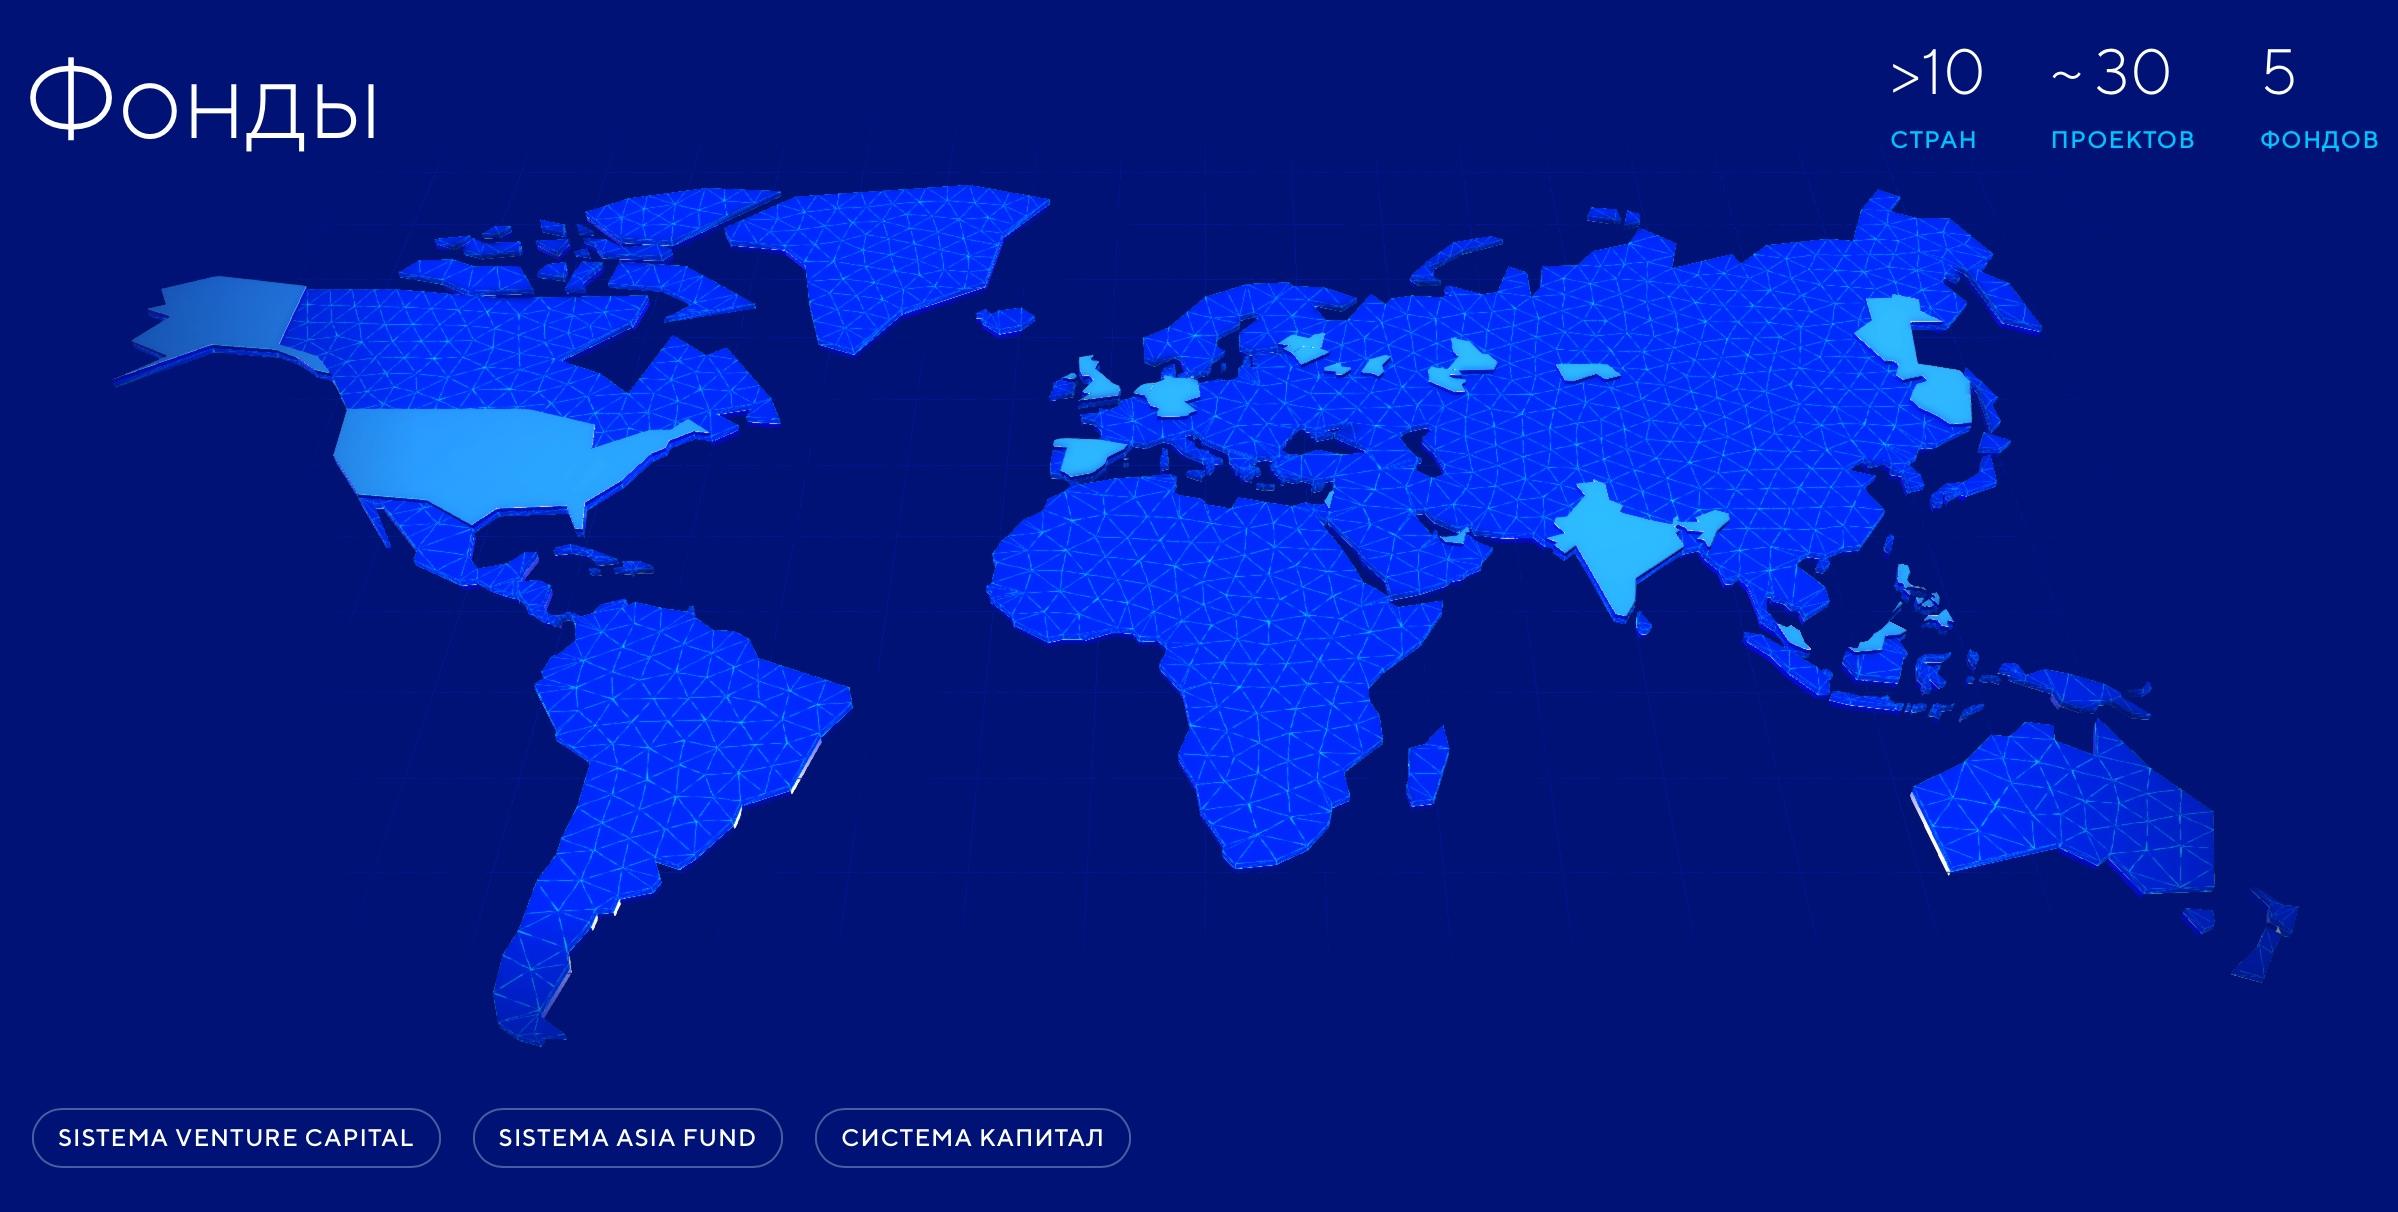 АФК Система - полный разбор компании + SWOT-анализ, изображение №1